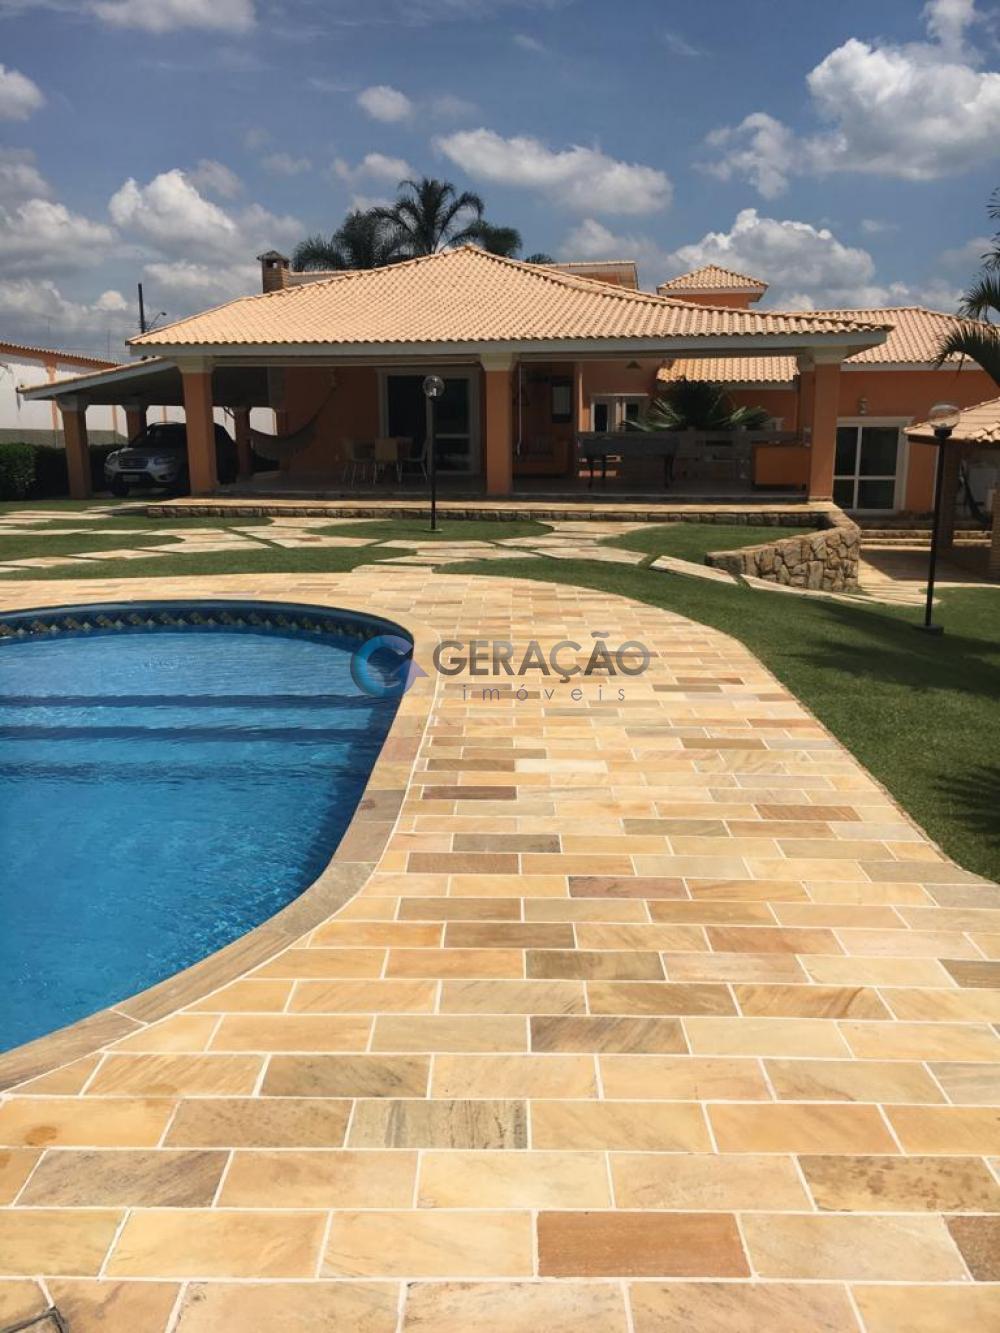 Comprar Casa / Padrão em Jacareí R$ 2.000.000,00 - Foto 8